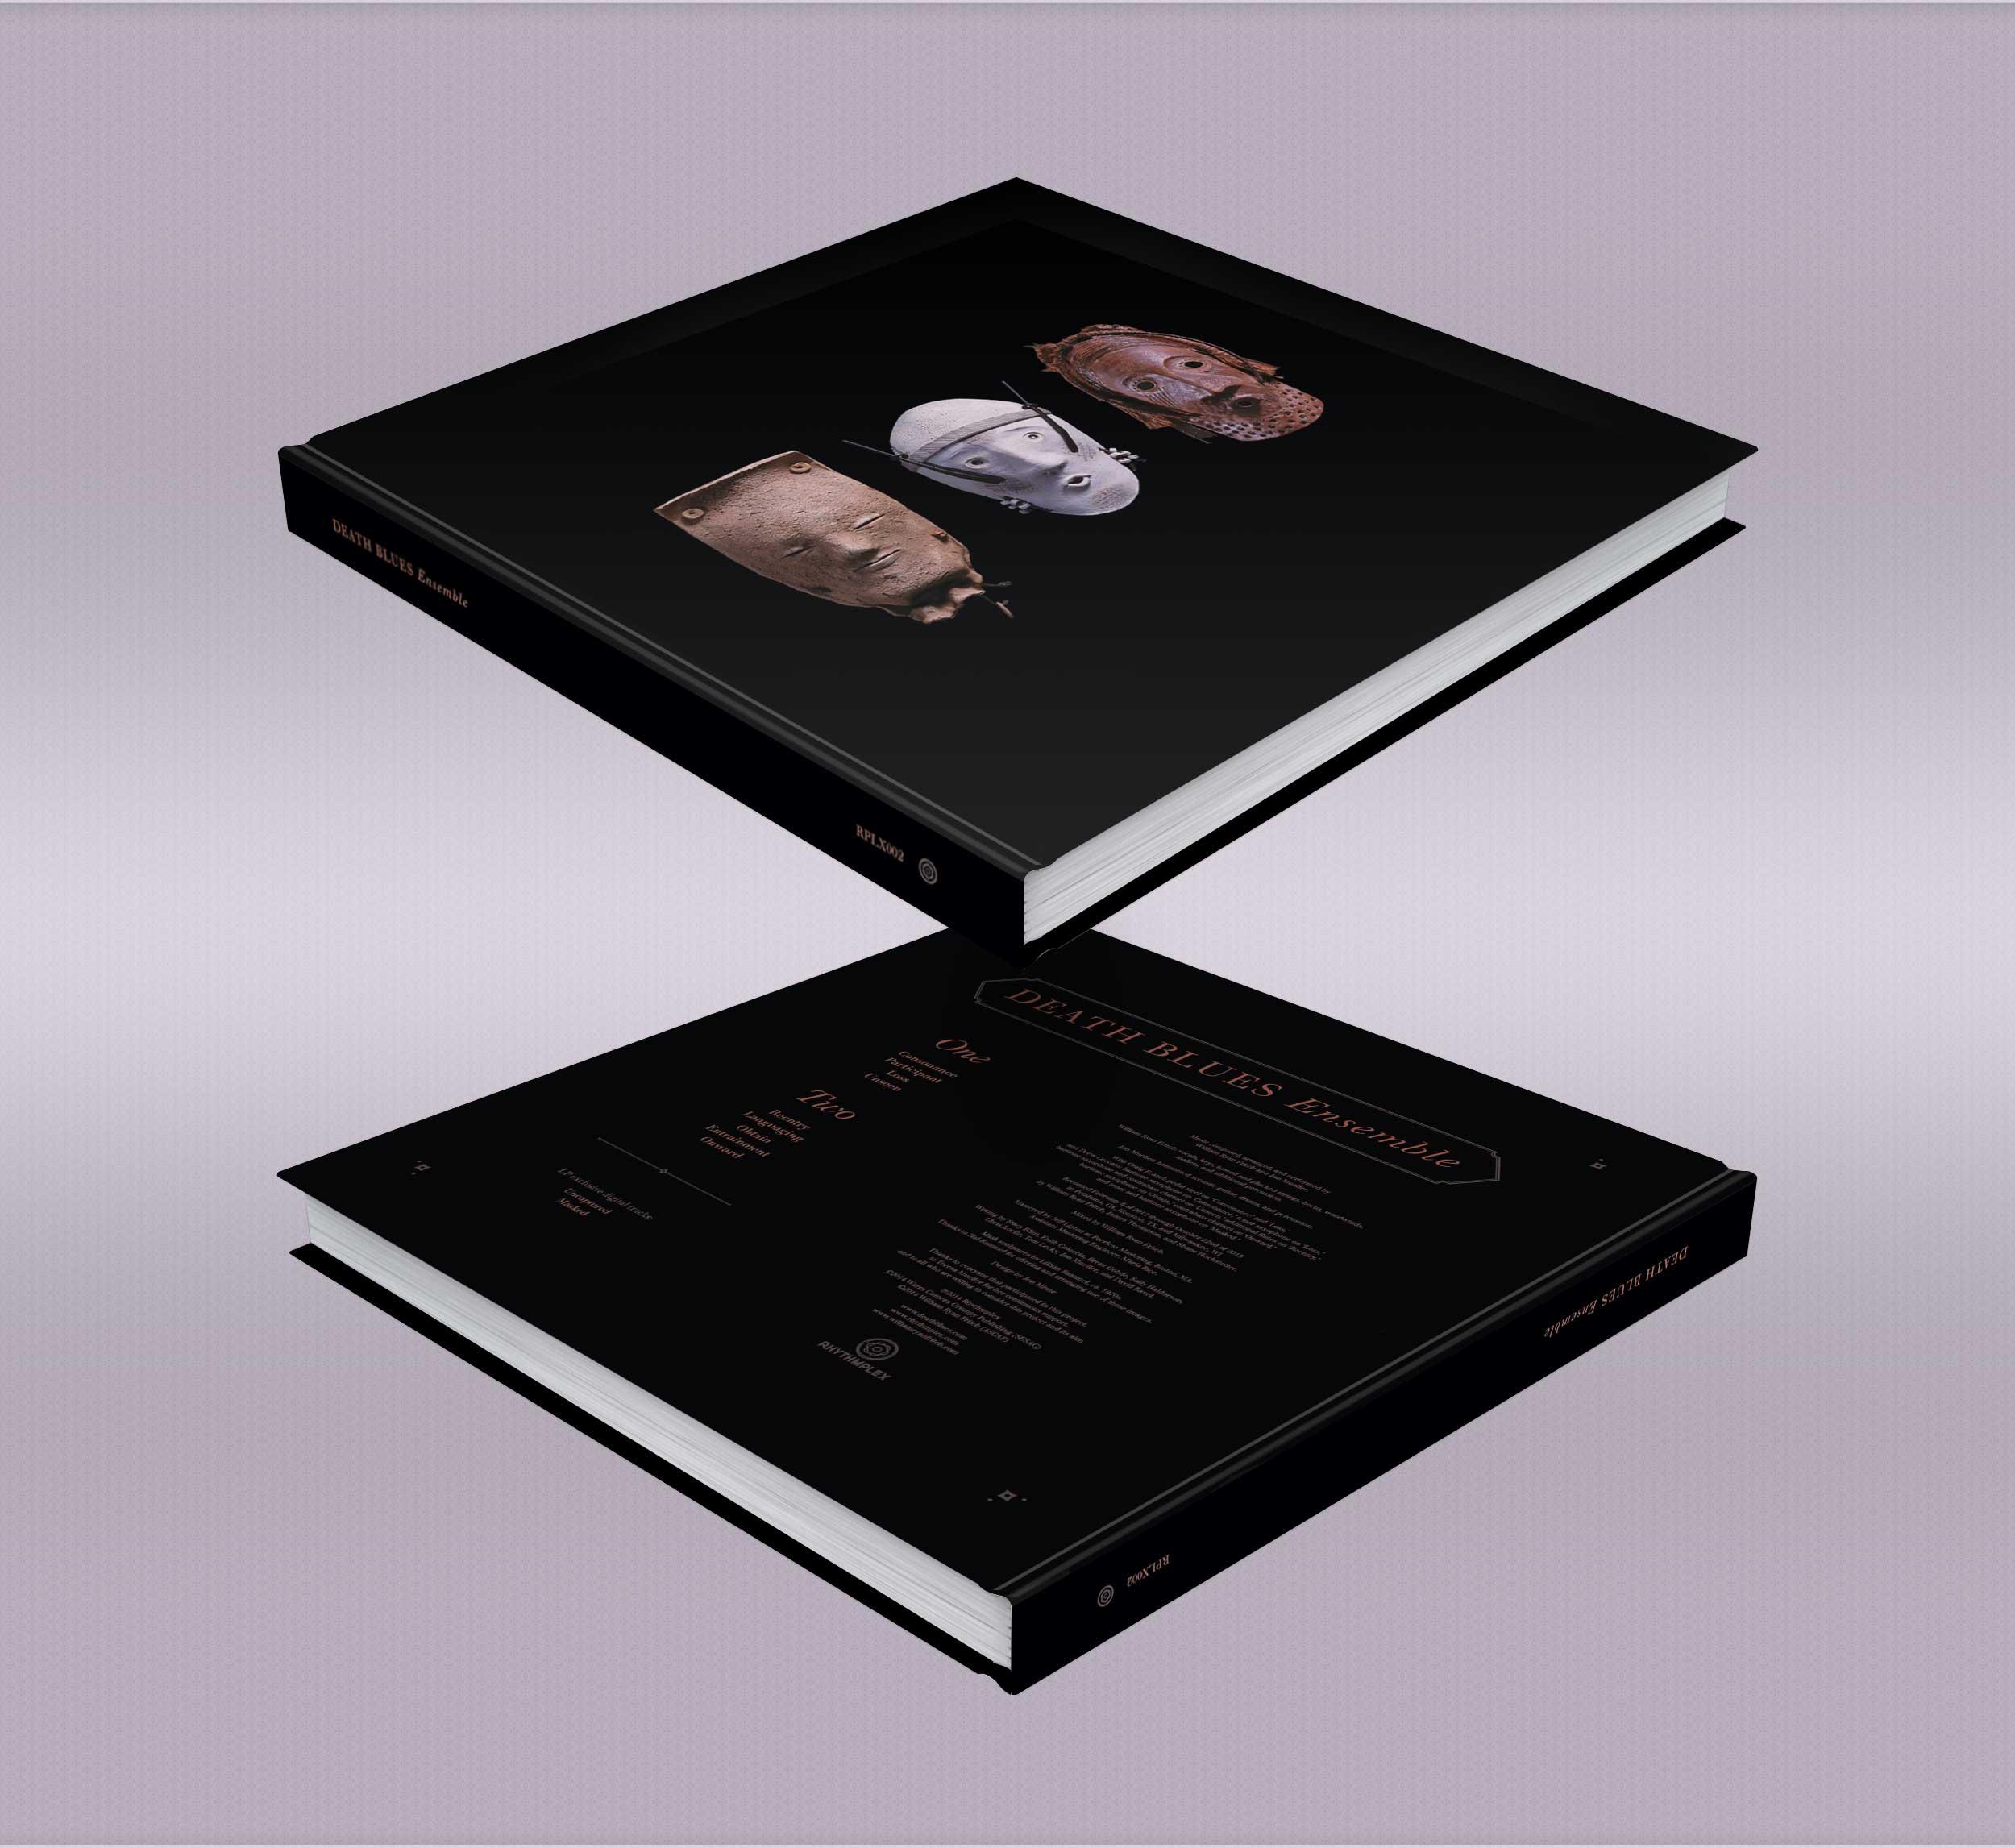 deathblues-portfolio_02